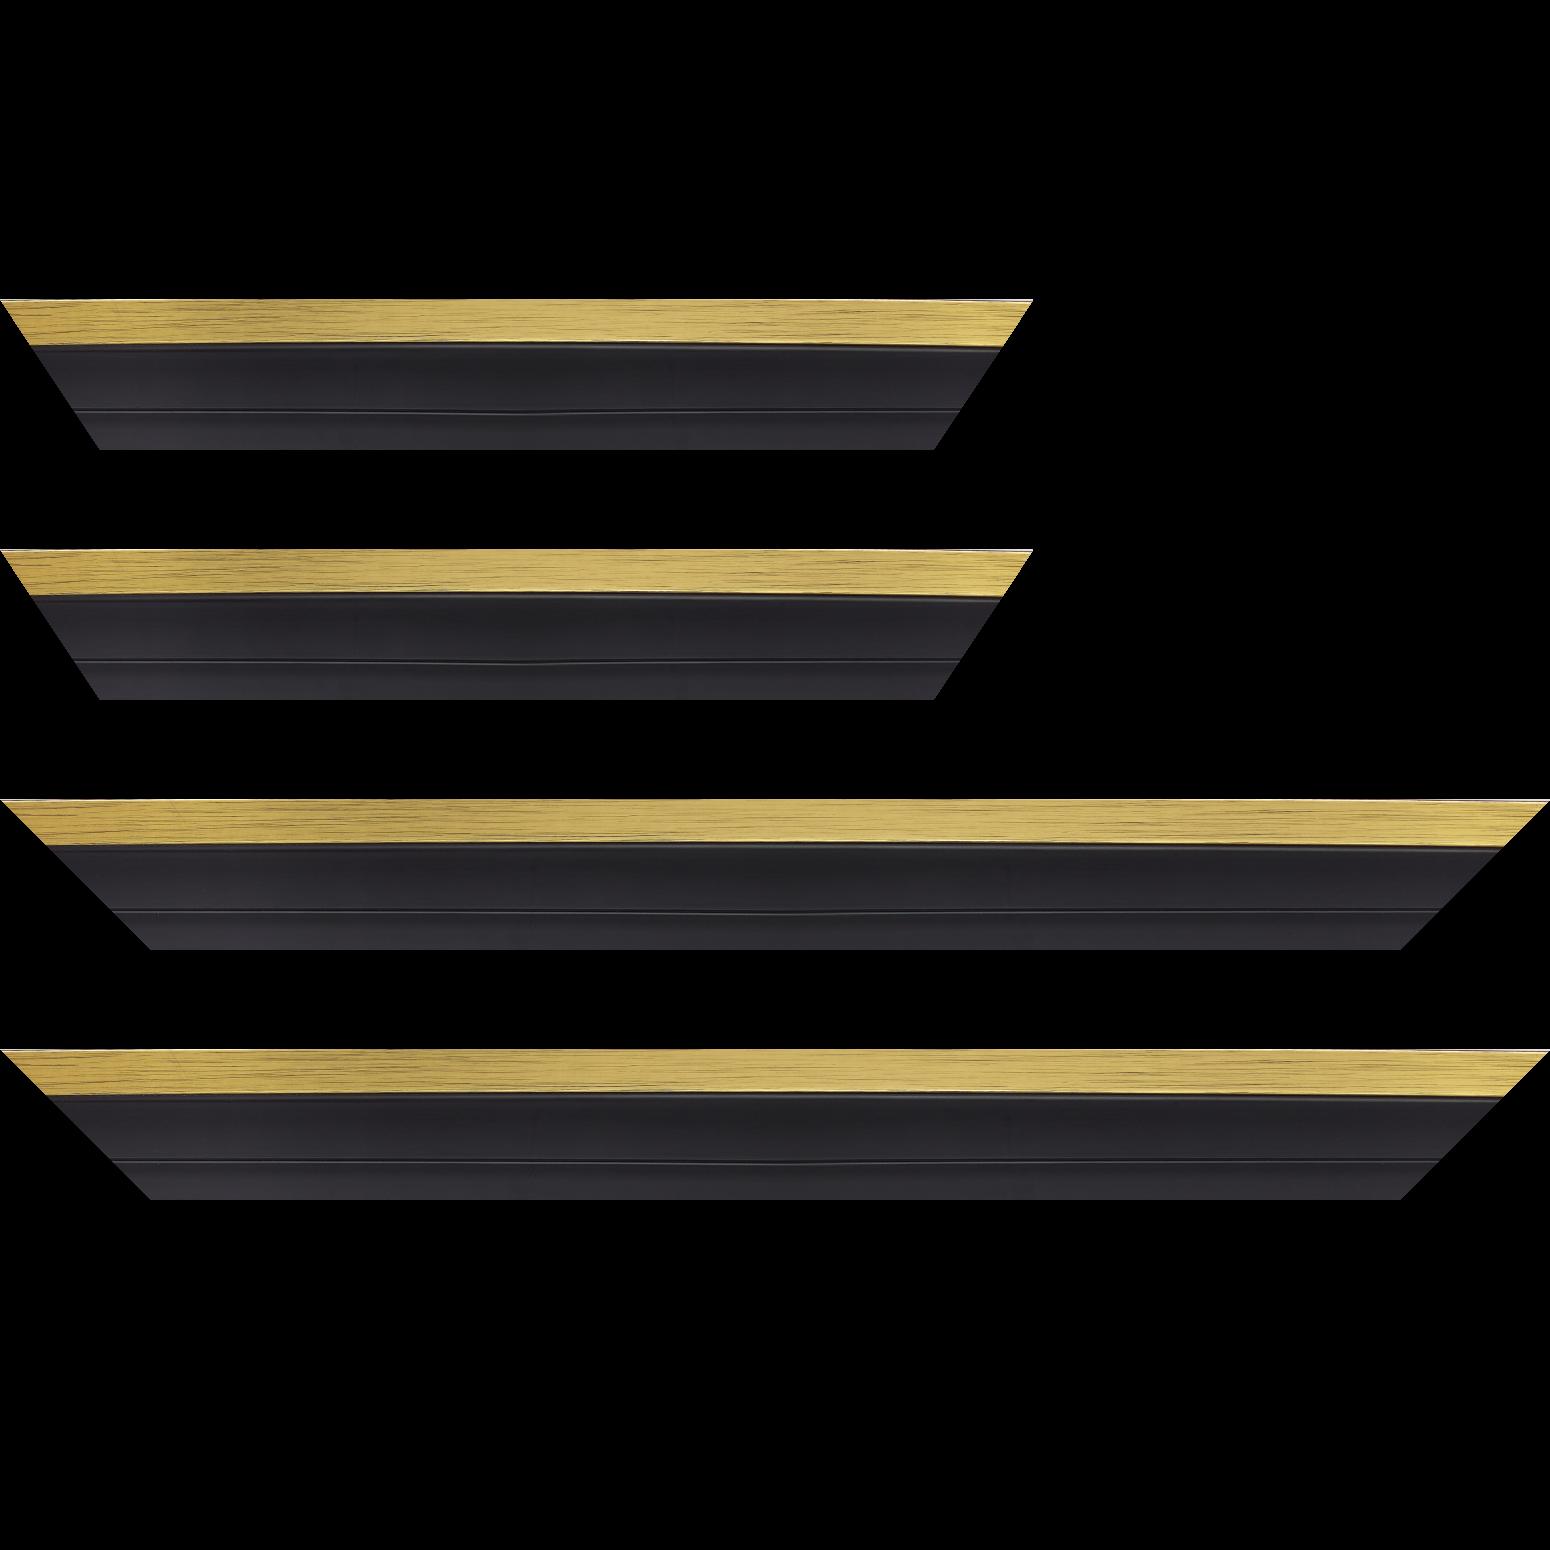 Baguette service précoupé Bois caisse américaine XL profil escalier largeur 4.9cm noir mat  filet or (spécialement conçu pour les châssis 3D d'une épaisseur de 3 à 4cm)